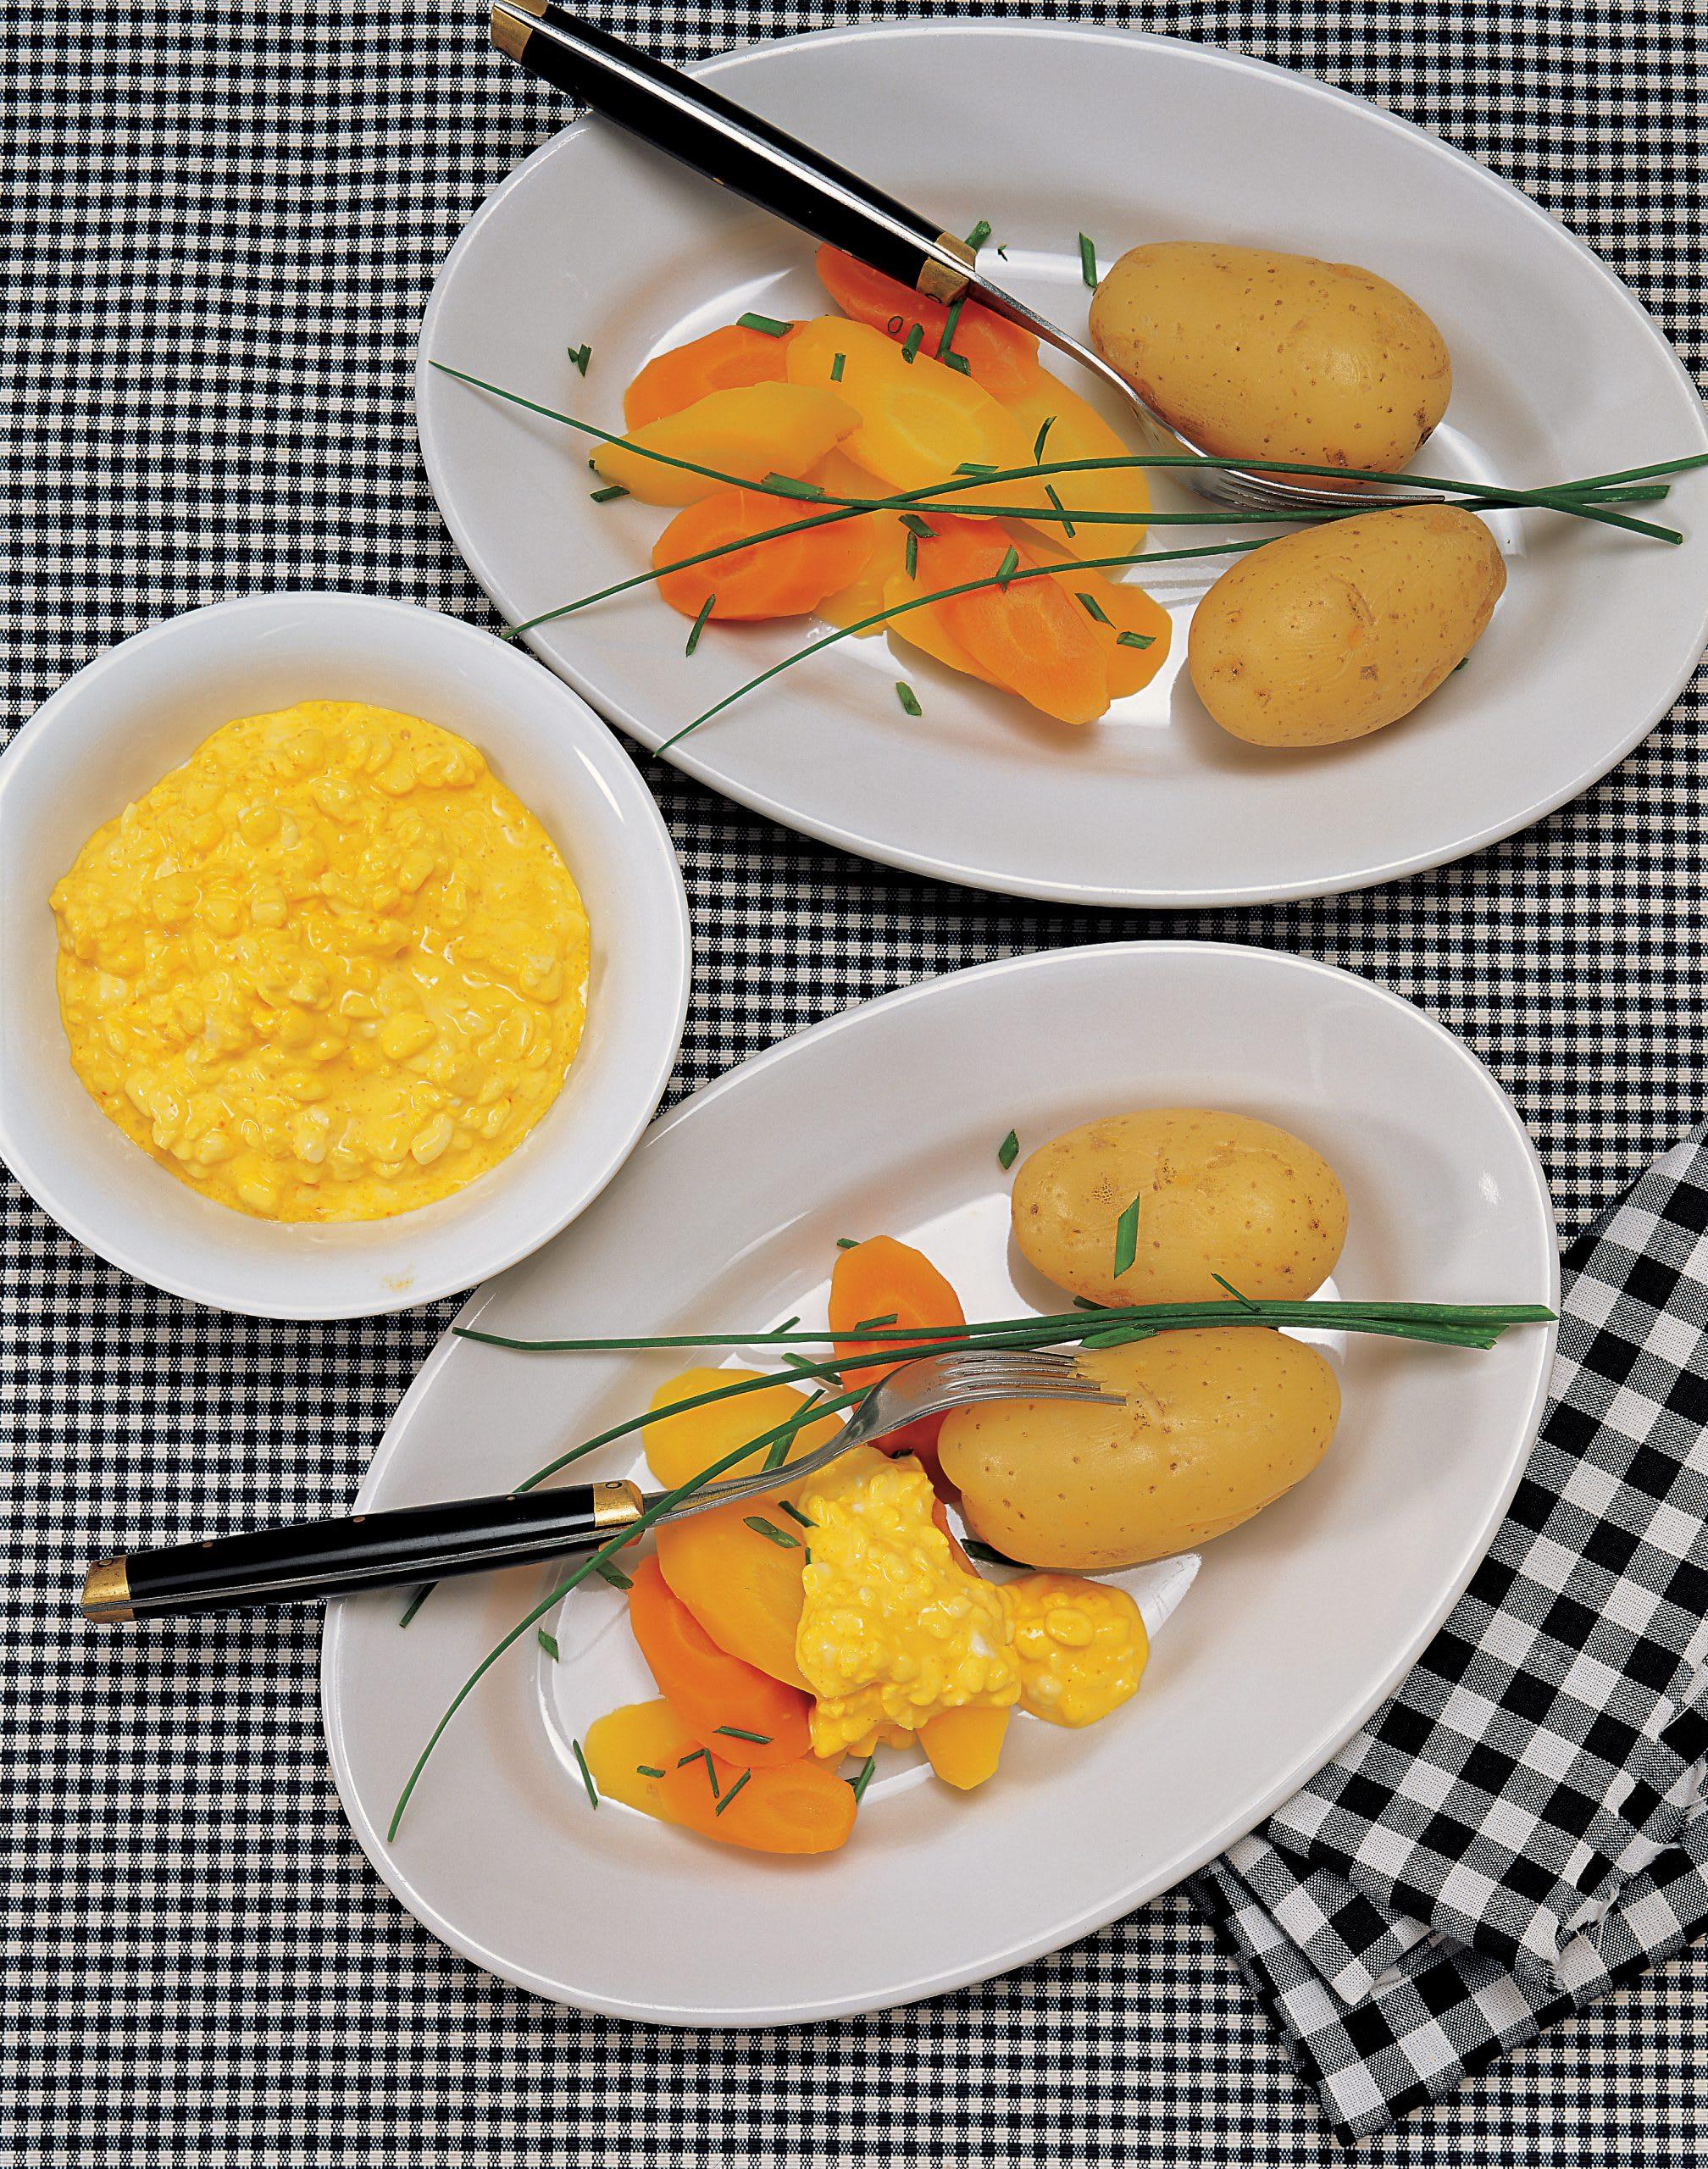 Carottes et pommes de terre en robe des champs sauce safranée au cottage cheese